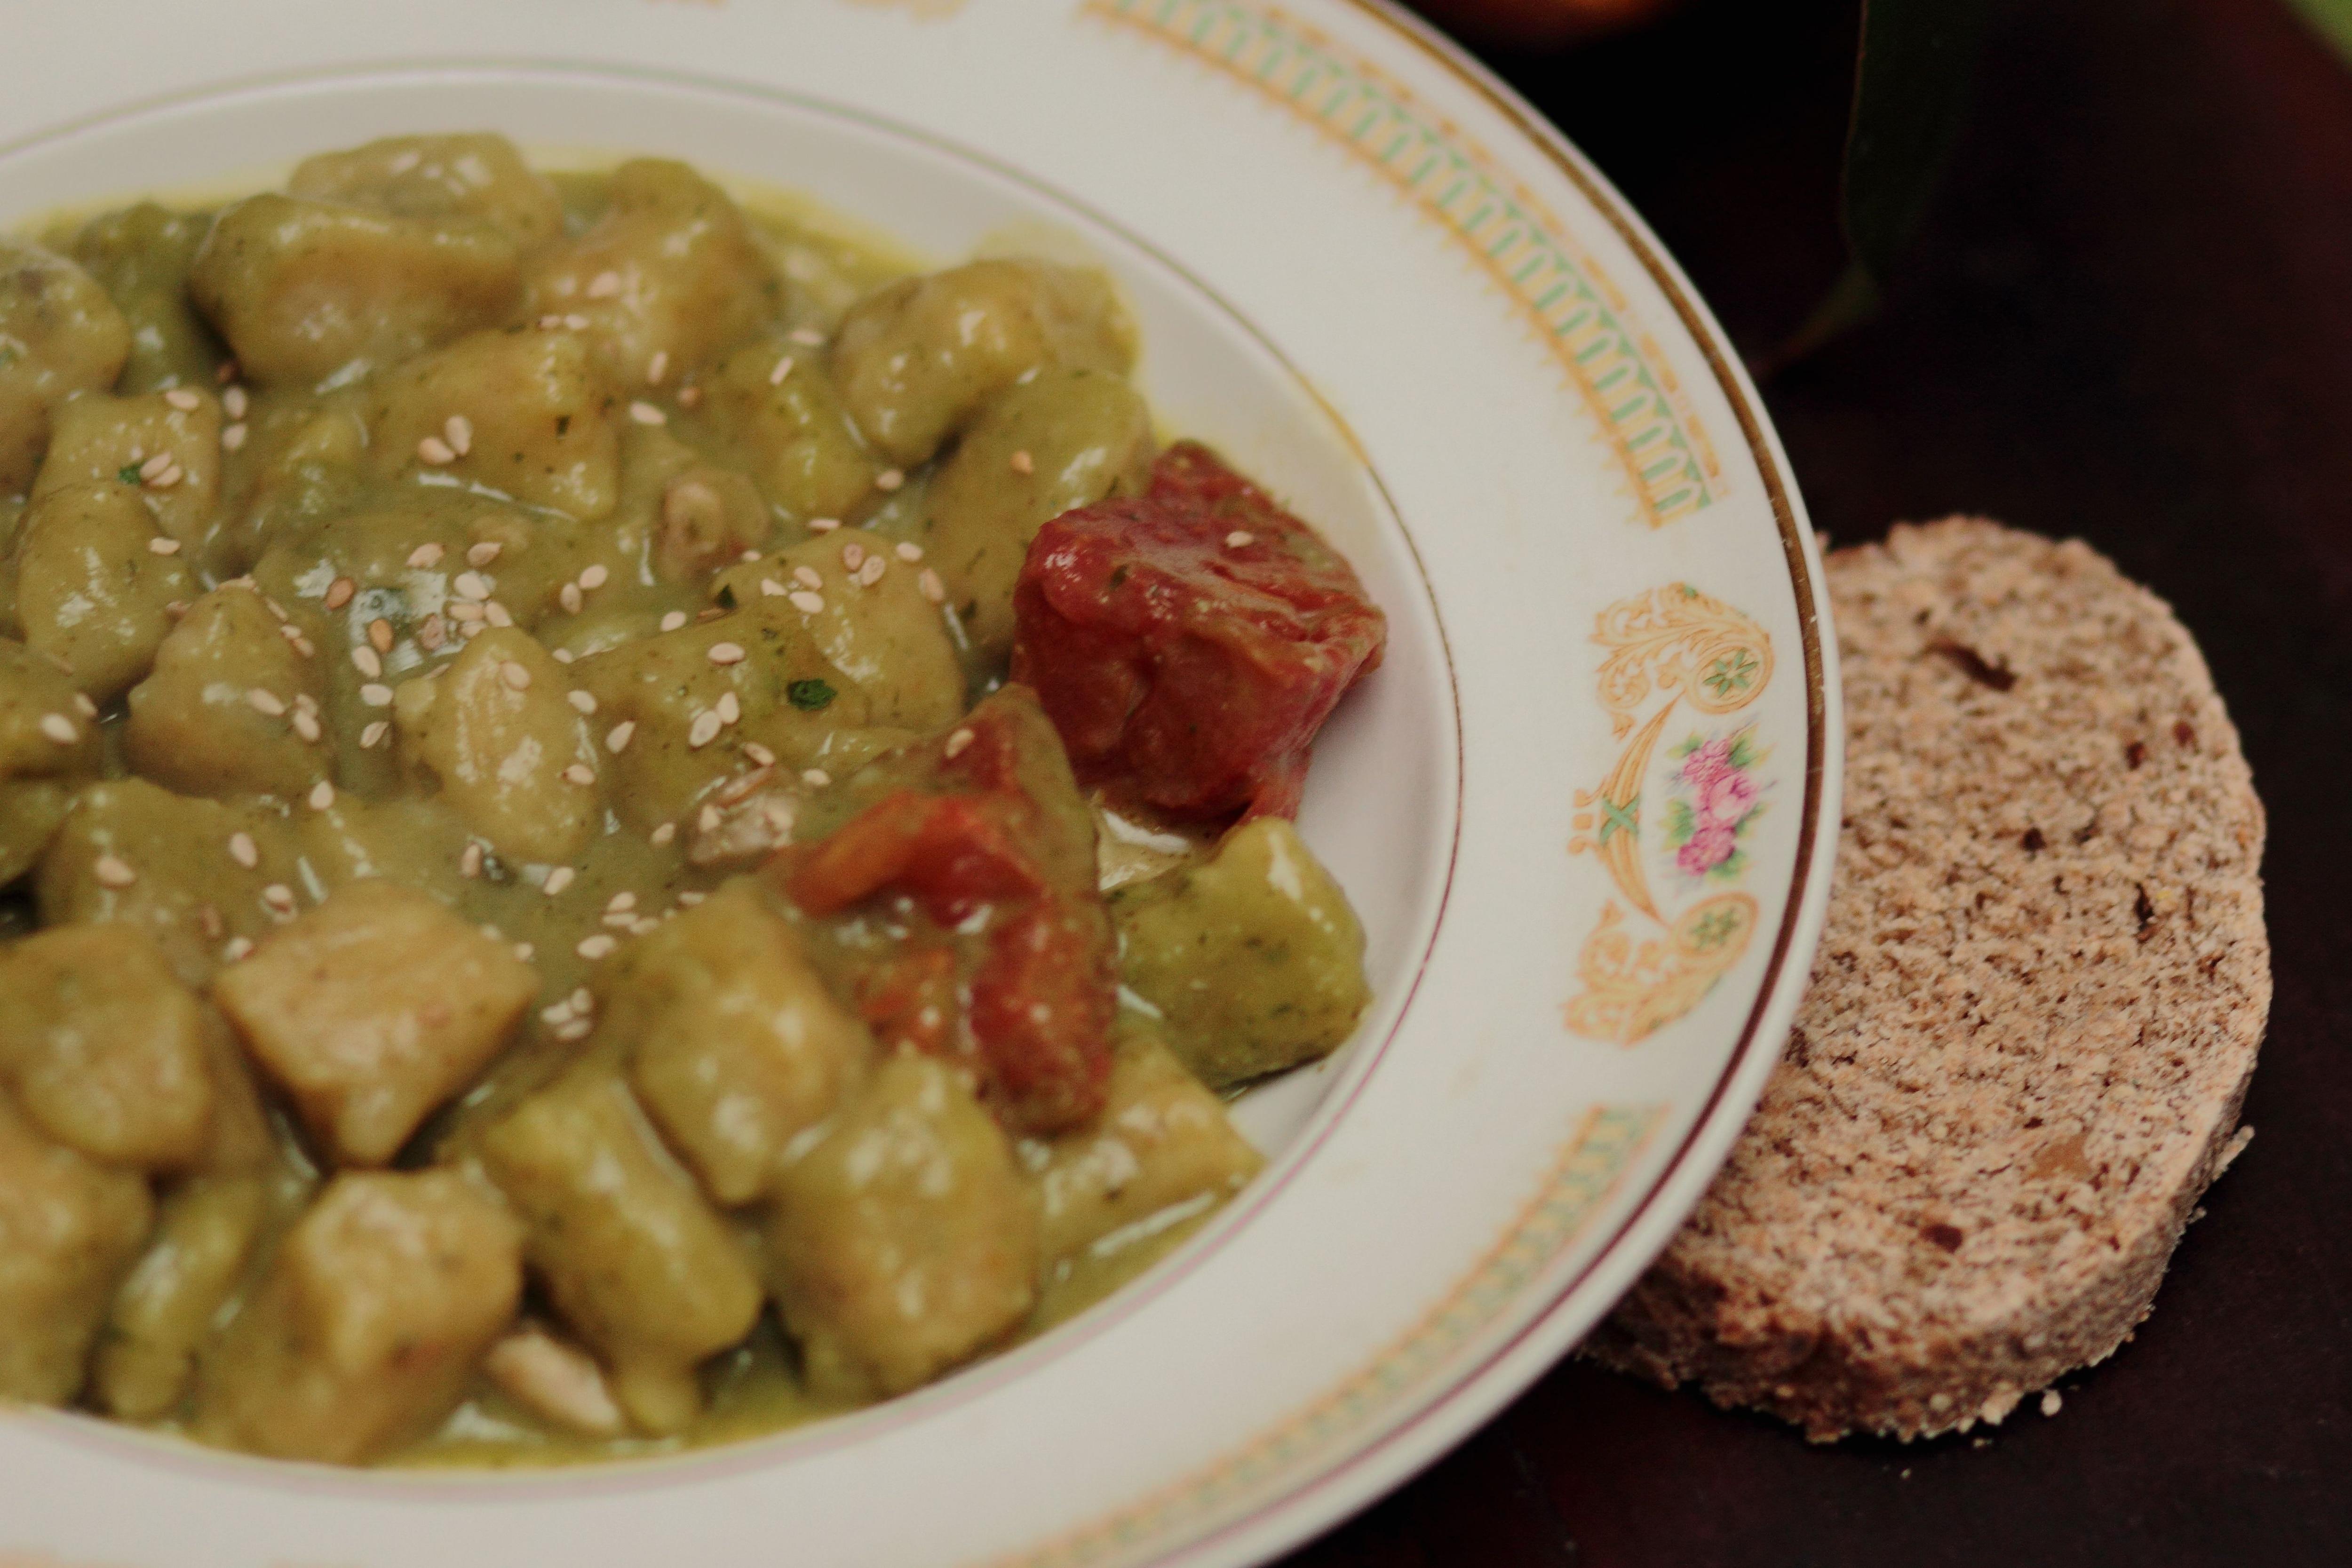 Ñoquis de batata con pesto de rúcula, uno de los platos estrellas del restó vegano a puertas cerradas